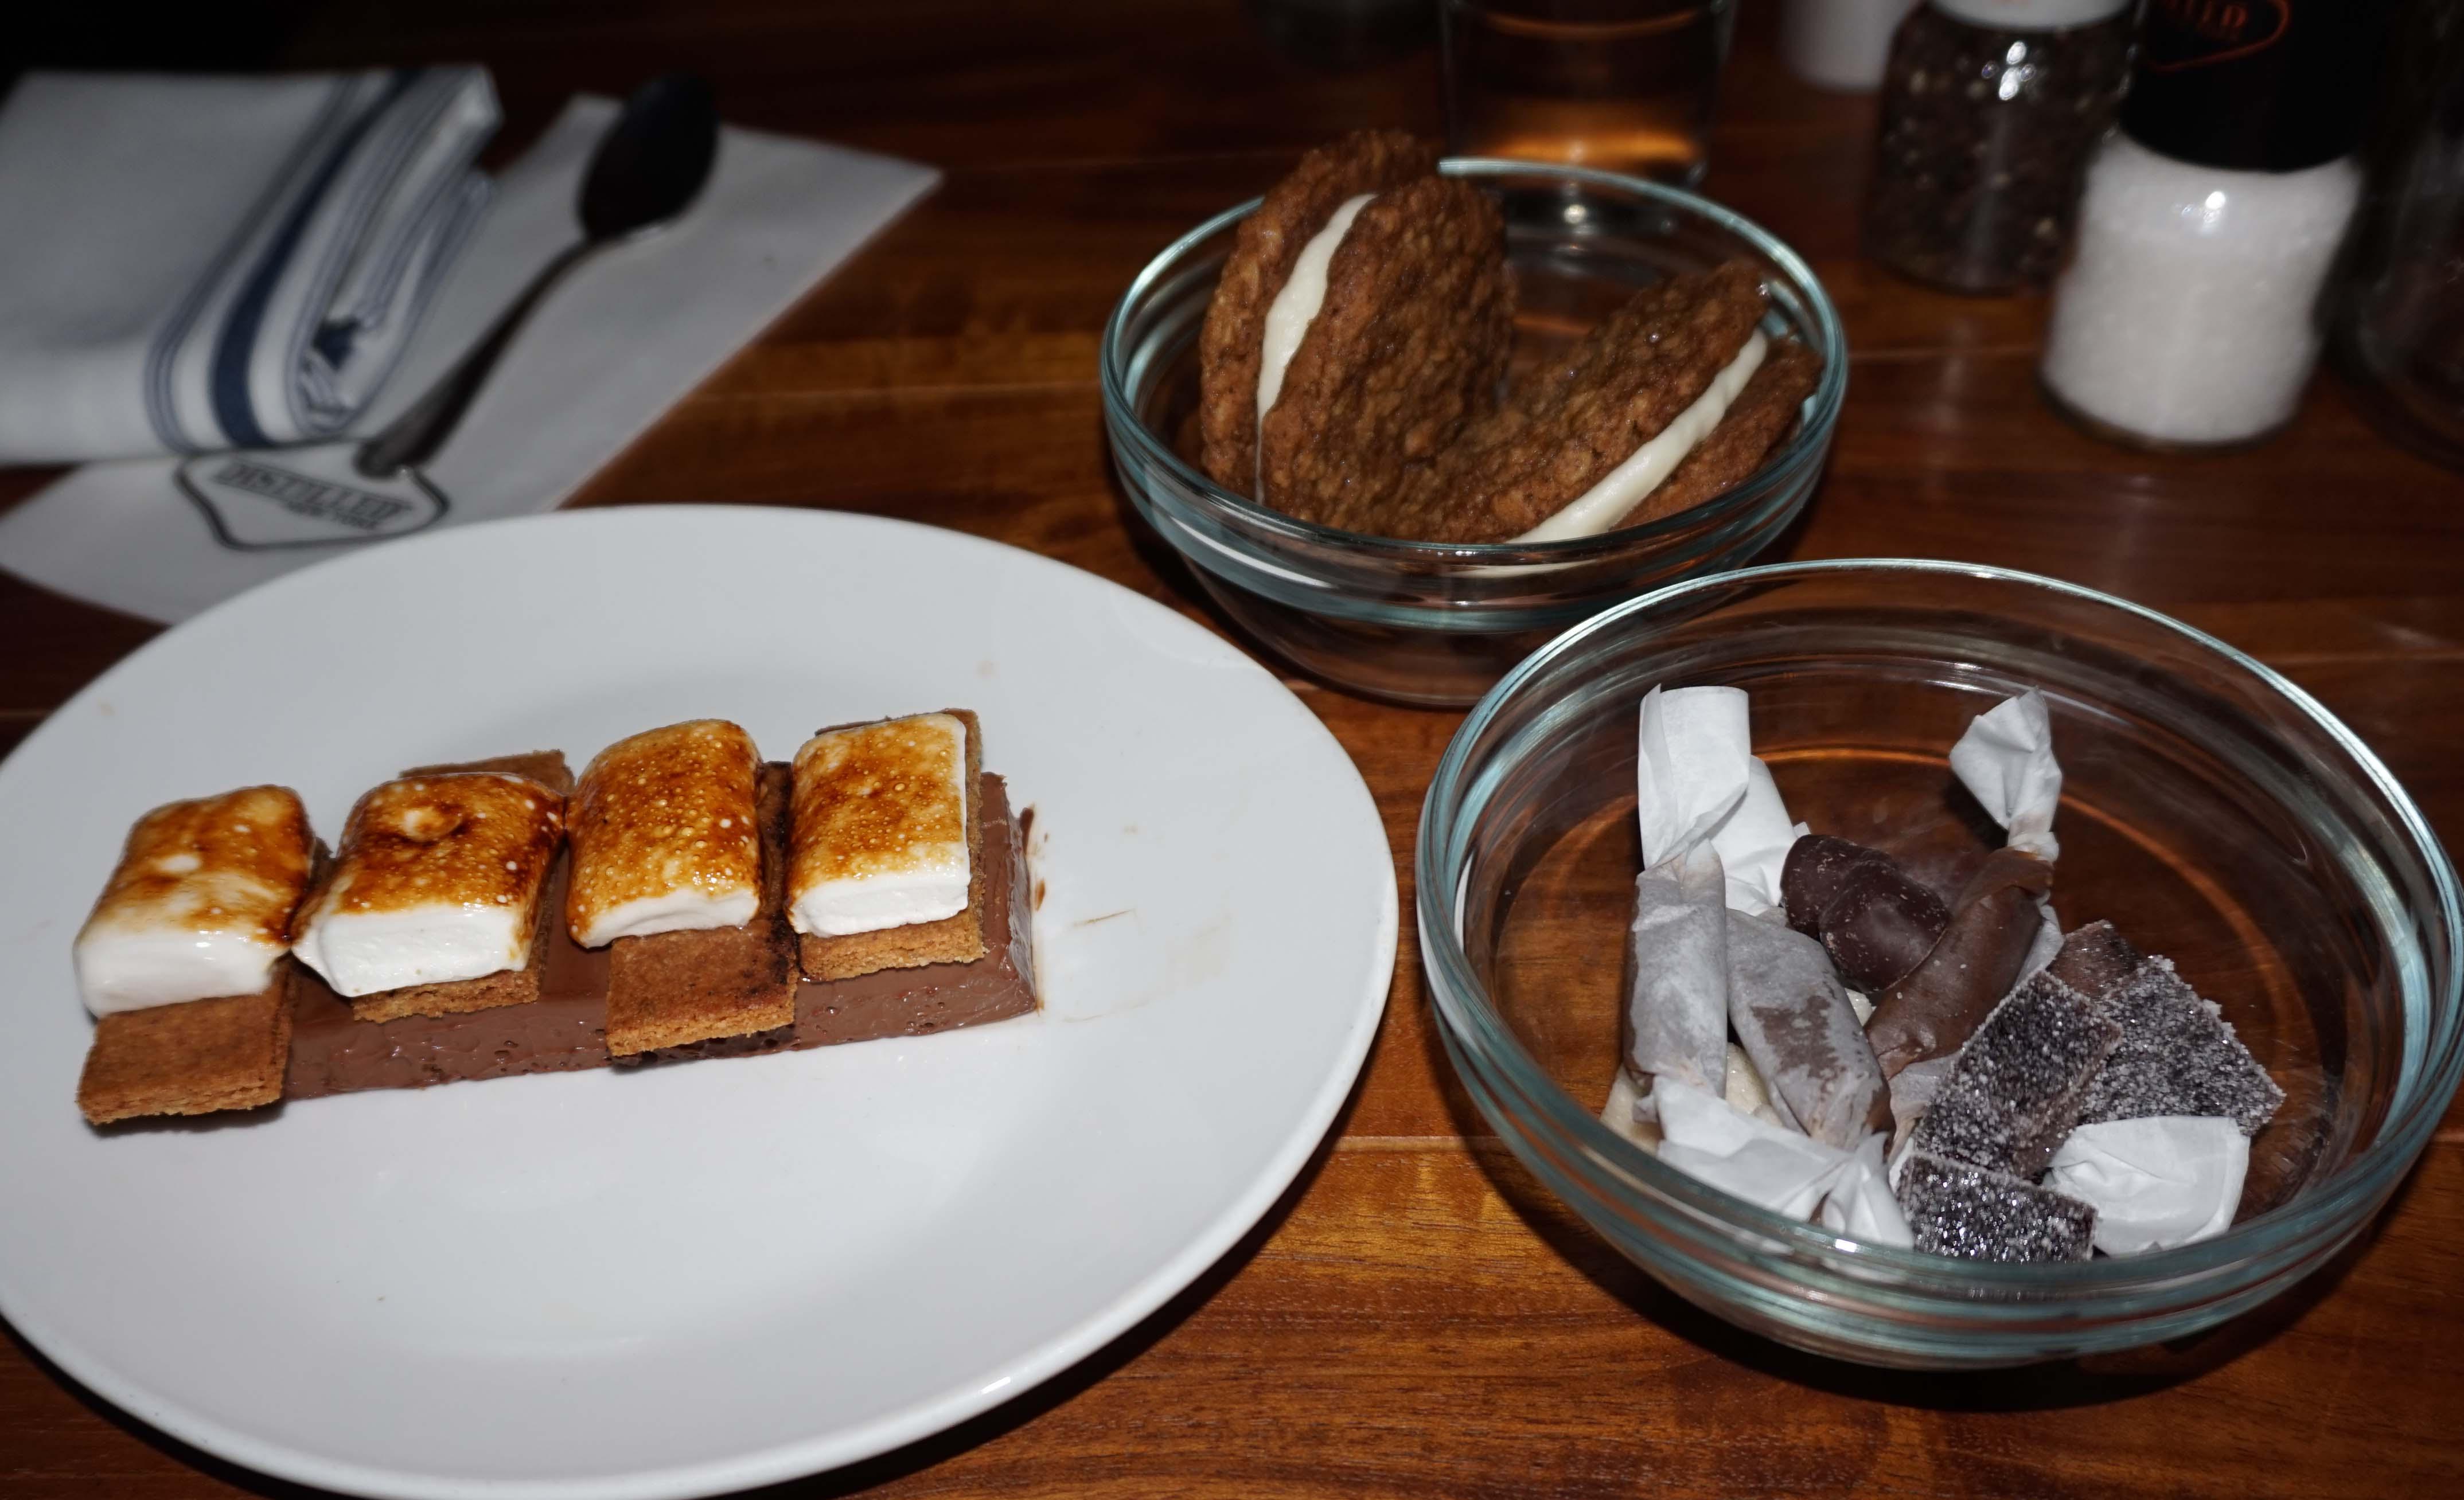 desserts at Distilled